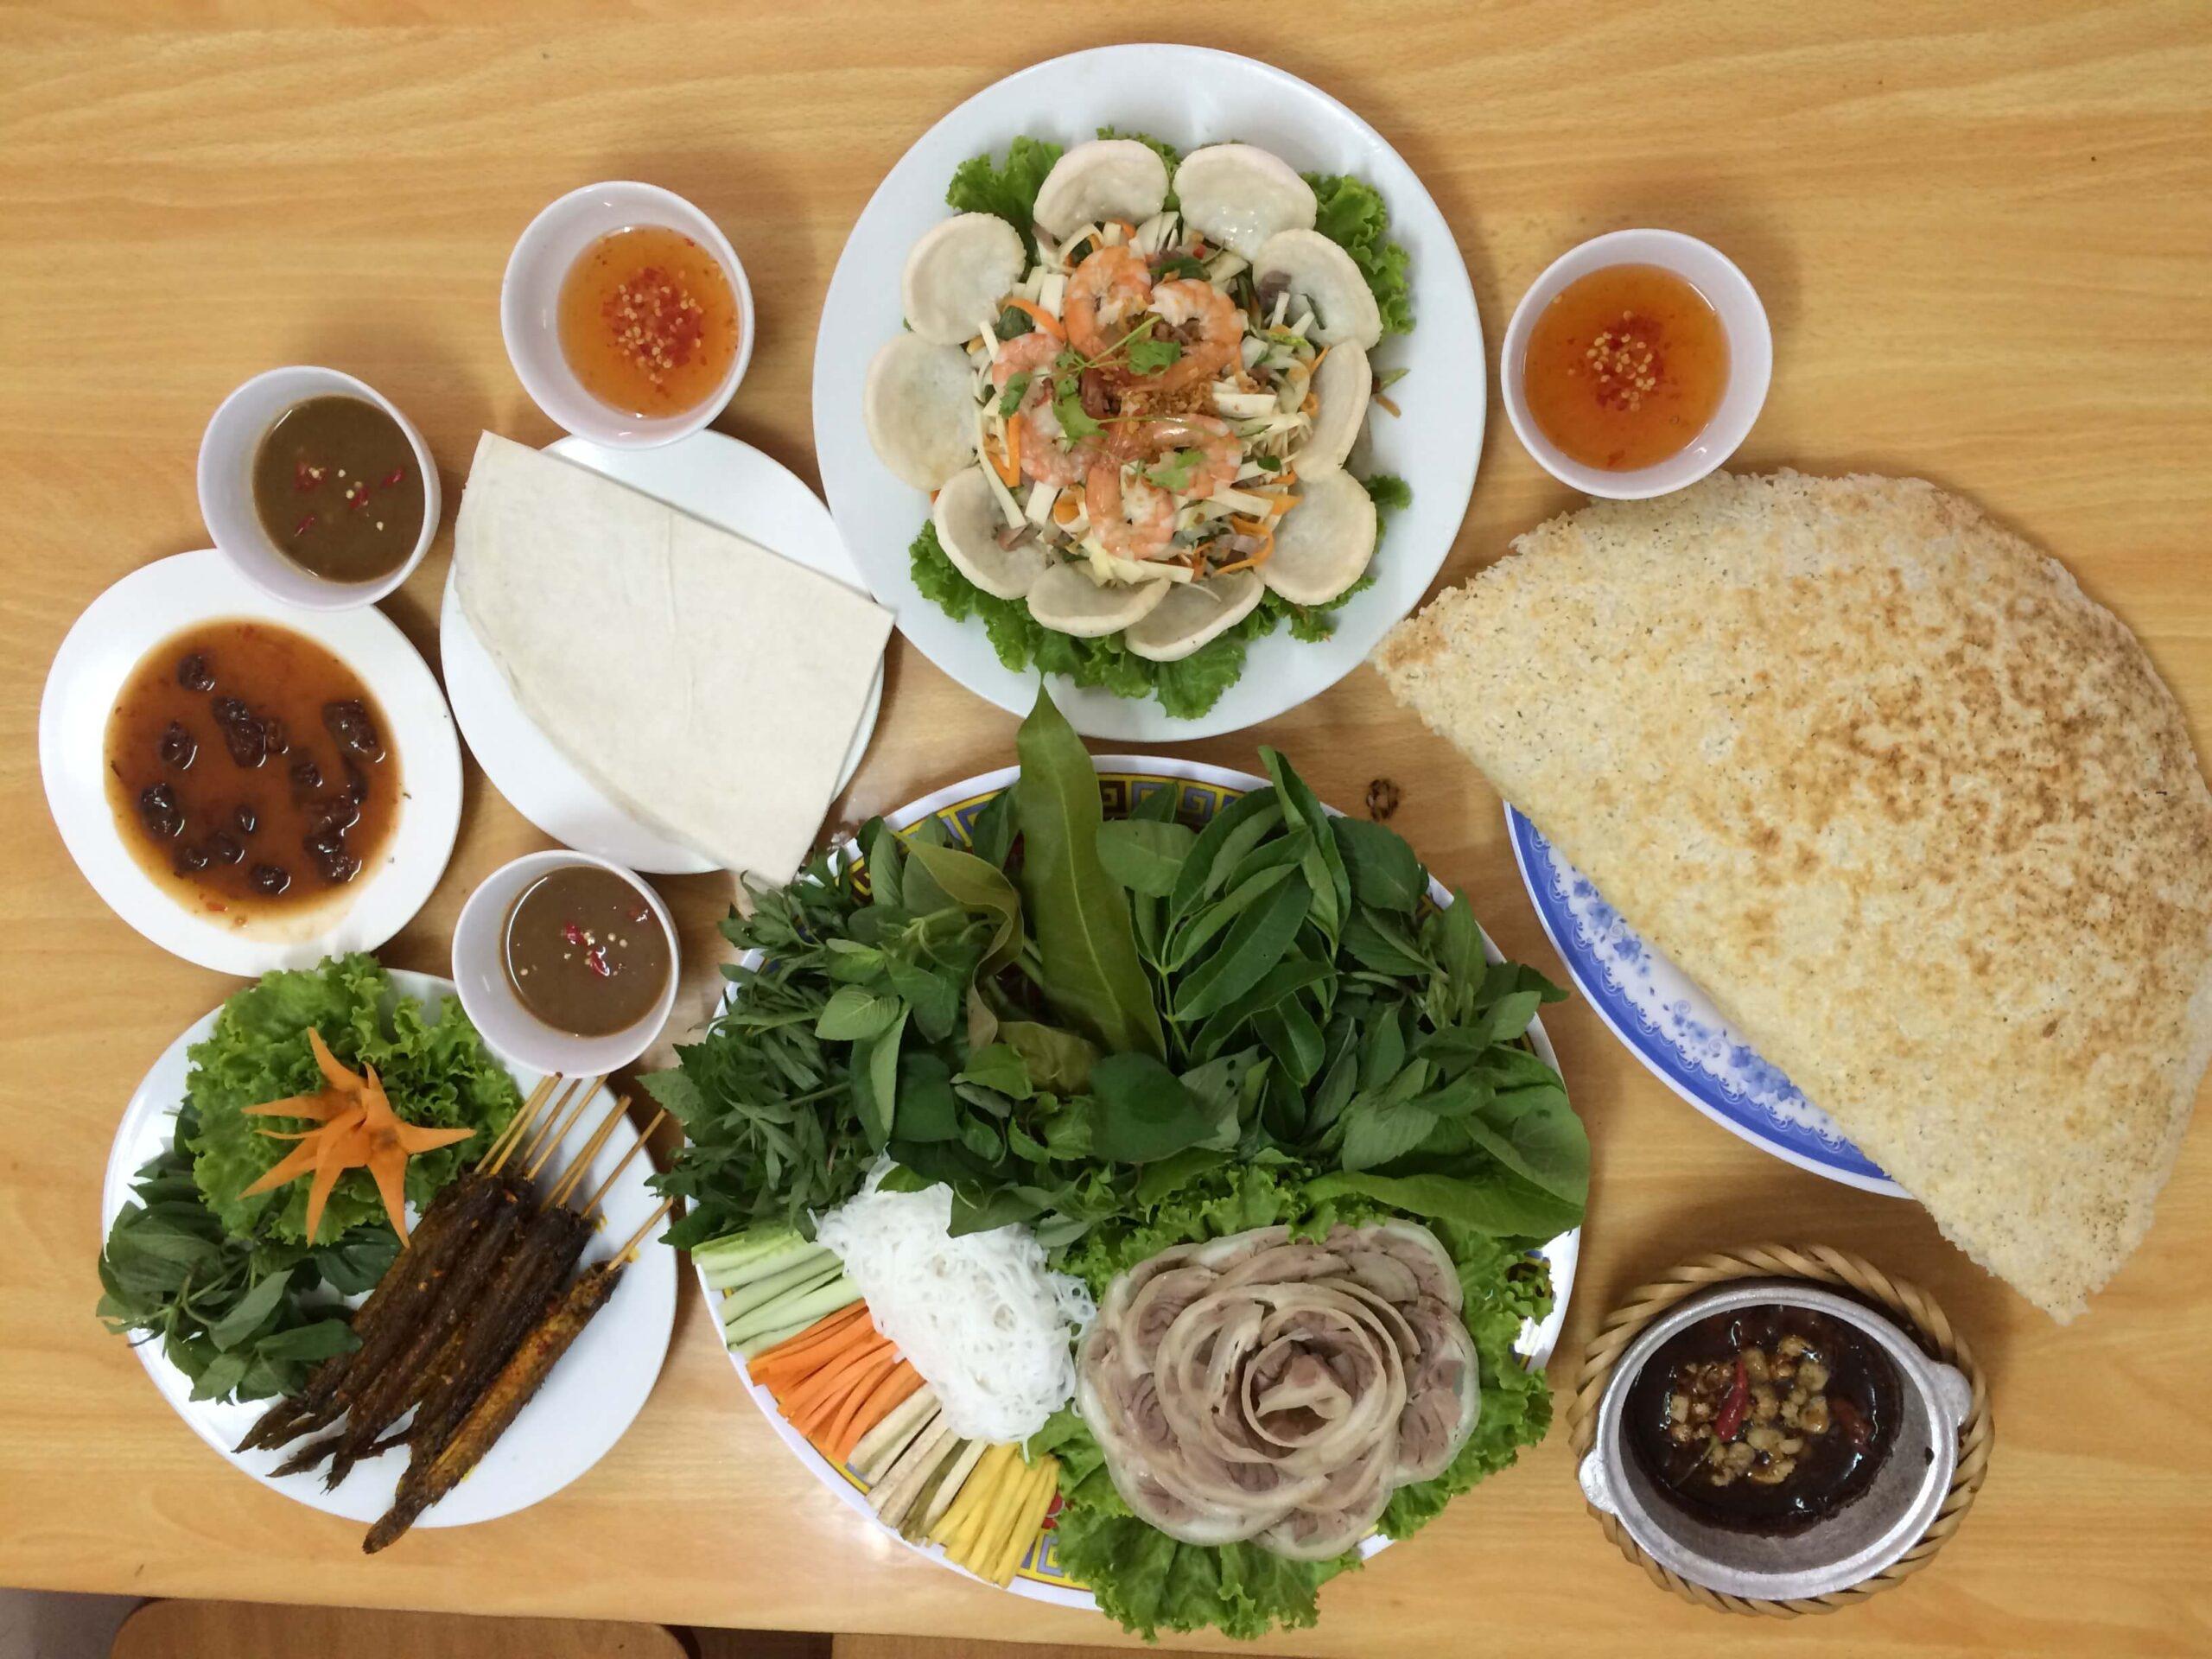 Bật mí Top 6 đặc sản Tây Ninh nổi khắp bốn phương